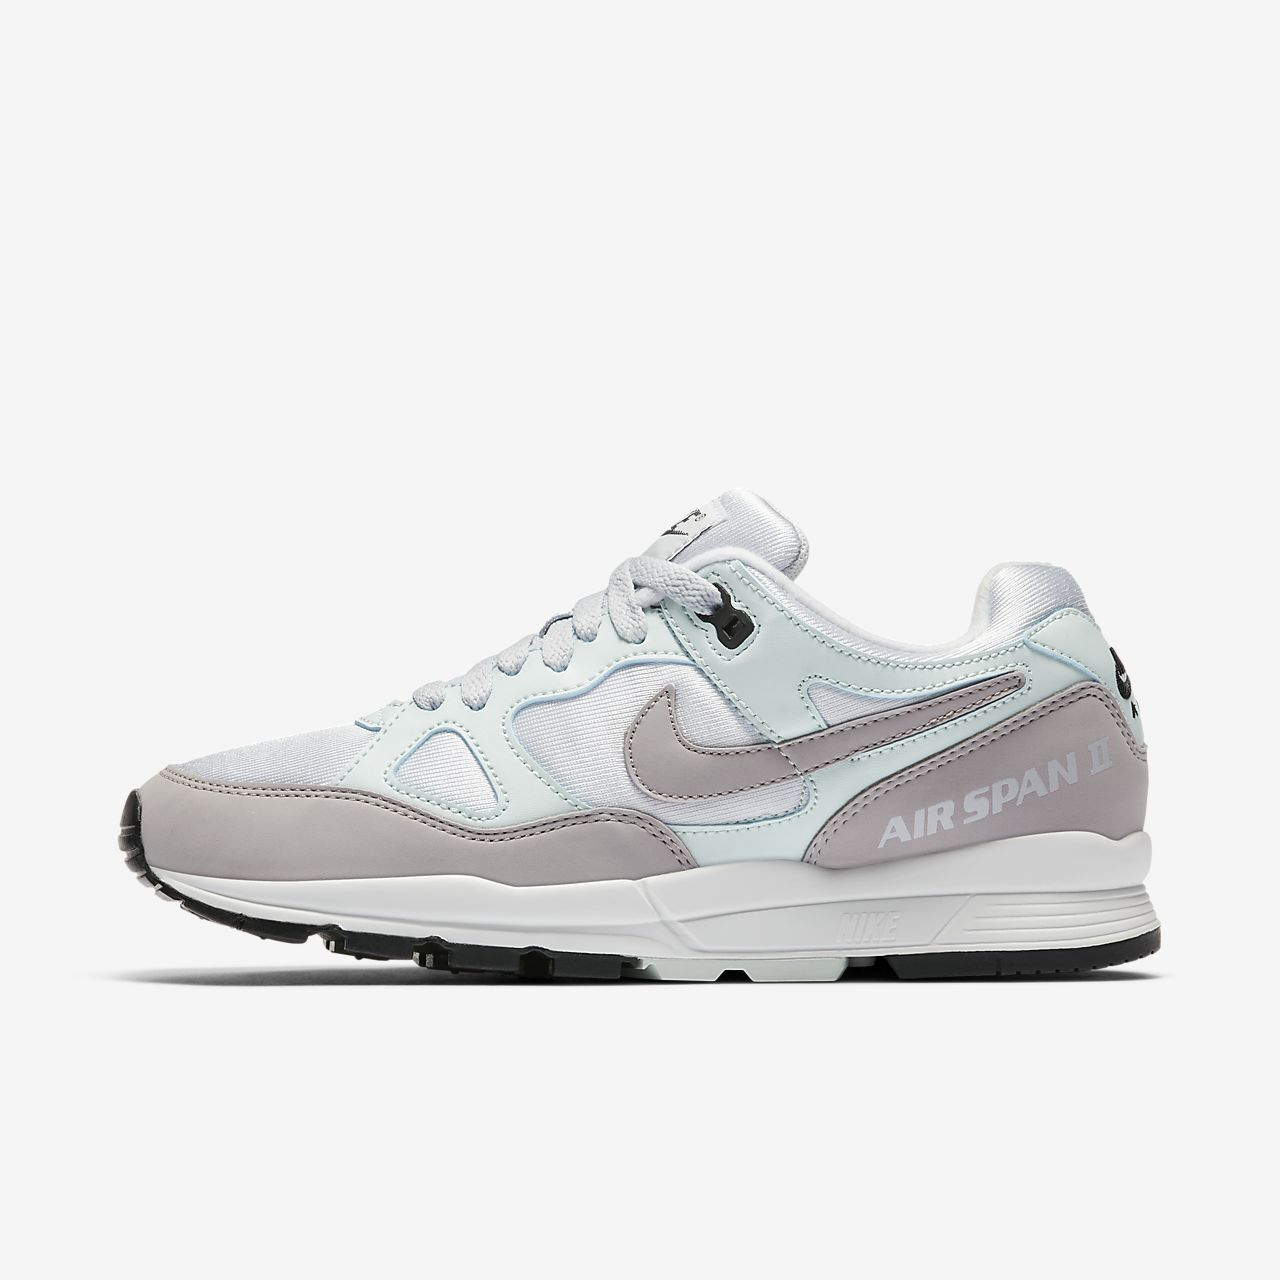 Air Fr Femme Span Nike Pour Ii Chaussure 58AWn